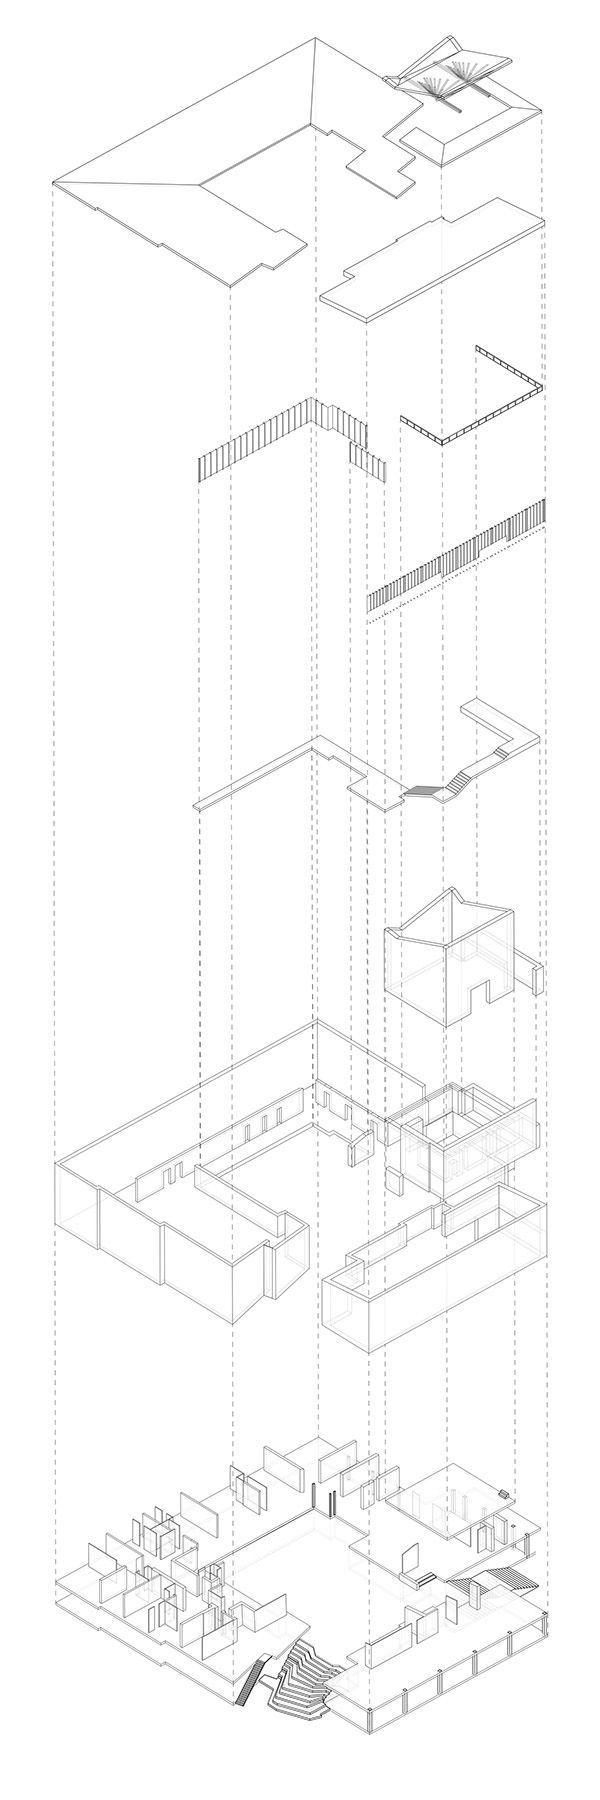 Saynatsalo Town Hall Analysis on RISD Portfolios